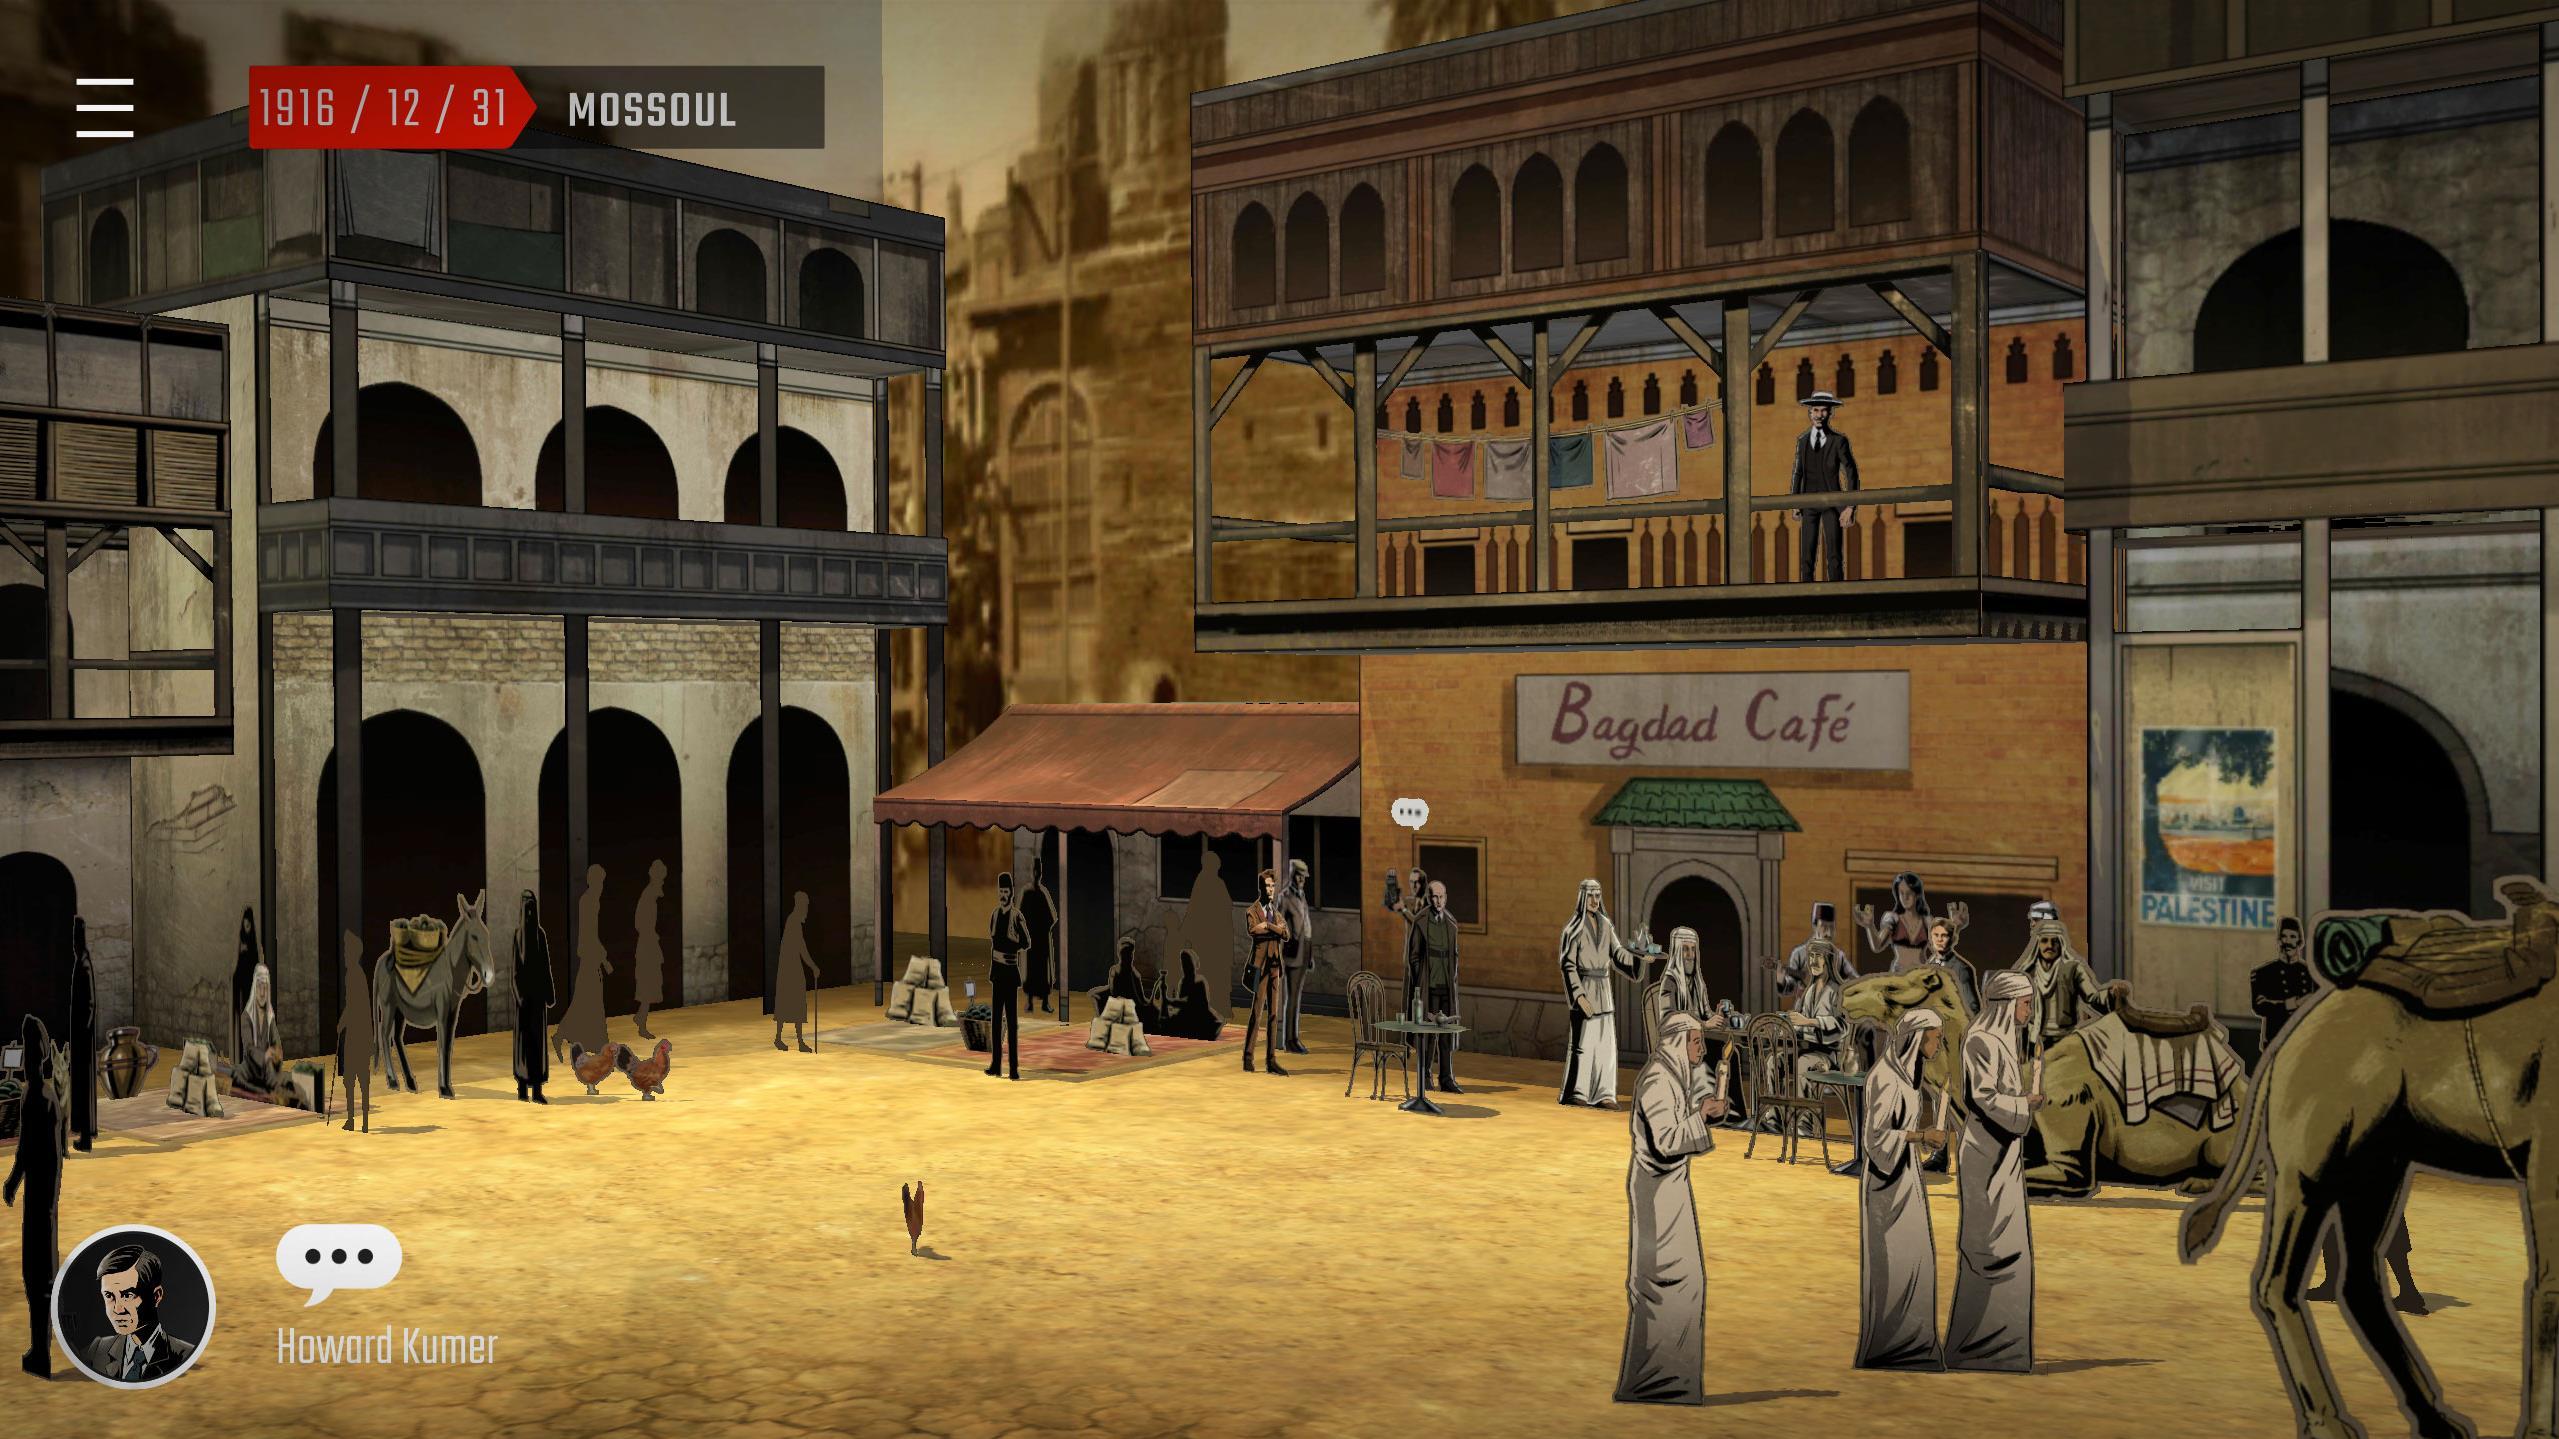 Une image de l'appli Apocalypse 10 Destins RA : Des gens dans une rue de Mossoul en 1916.